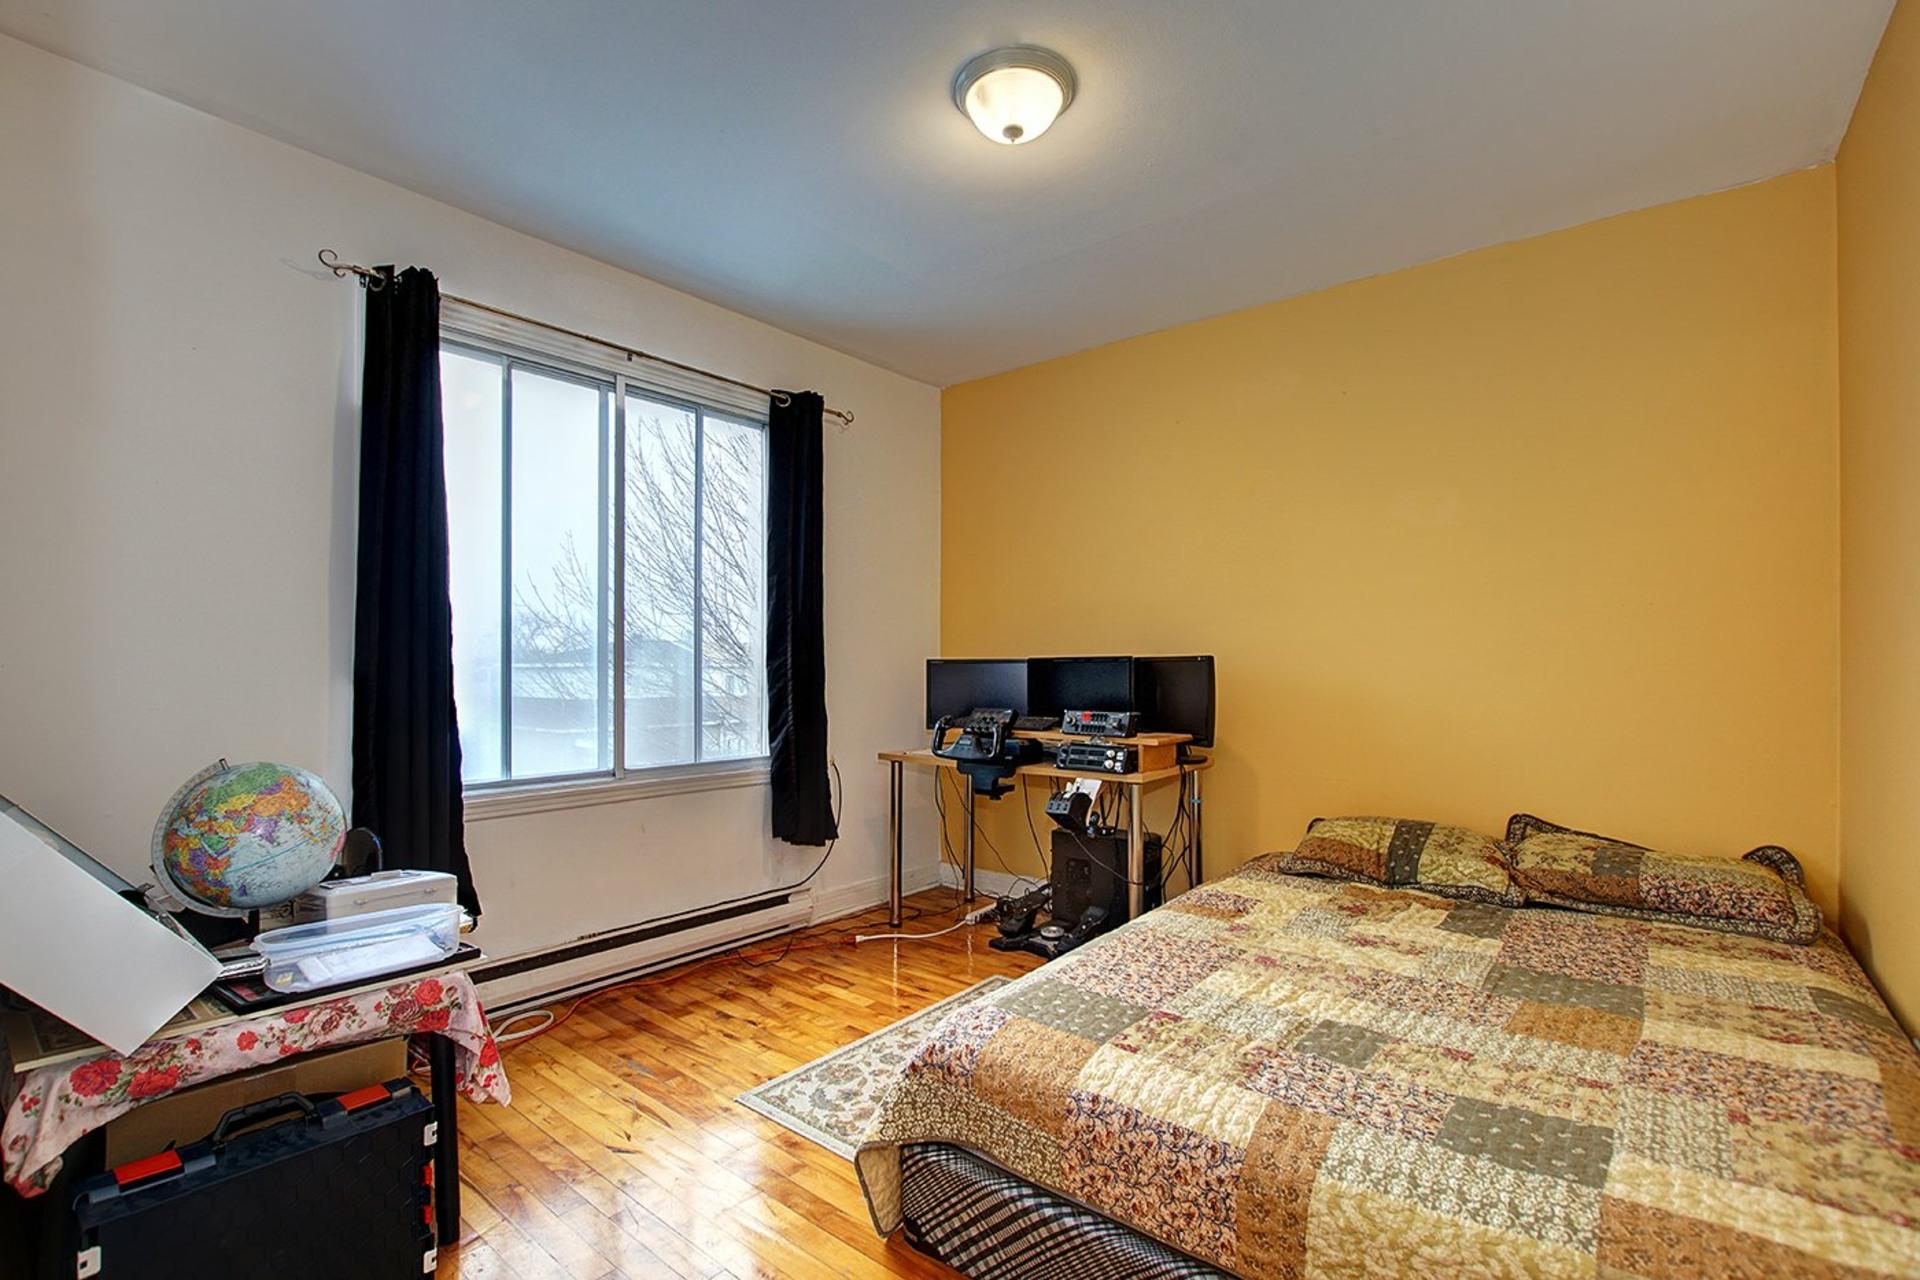 image 8 - Duplex For sale Rivière-des-Prairies/Pointe-aux-Trembles Montréal  - 4 rooms